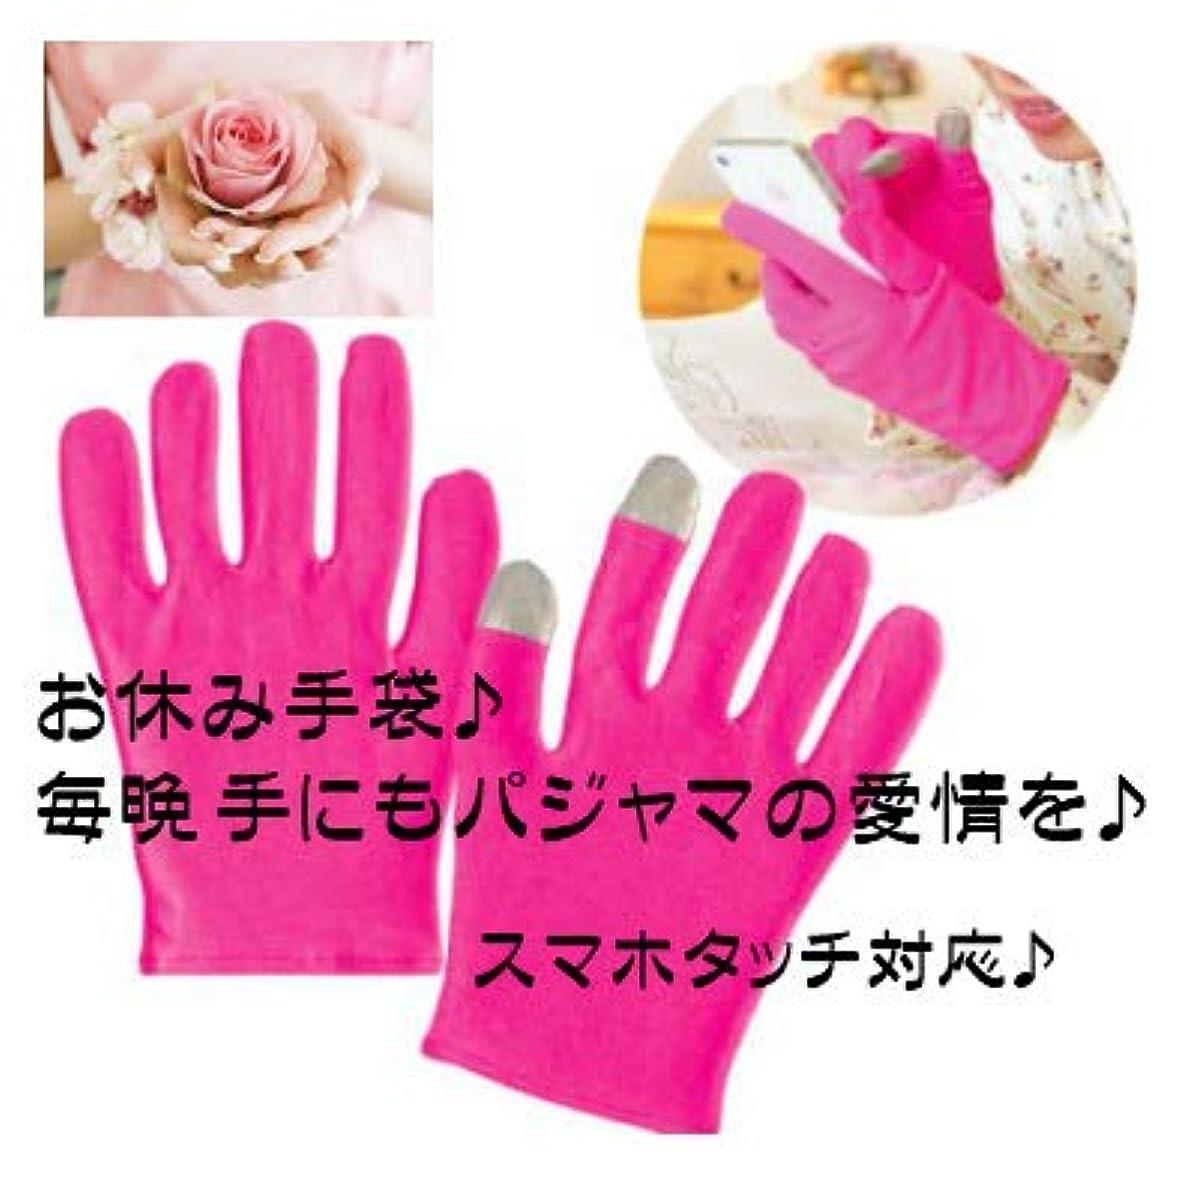 前投薬批判インタビュー美容ハンドケア手袋 就寝手袋 スマホタッチ対応 おやすみ手袋保湿手袋